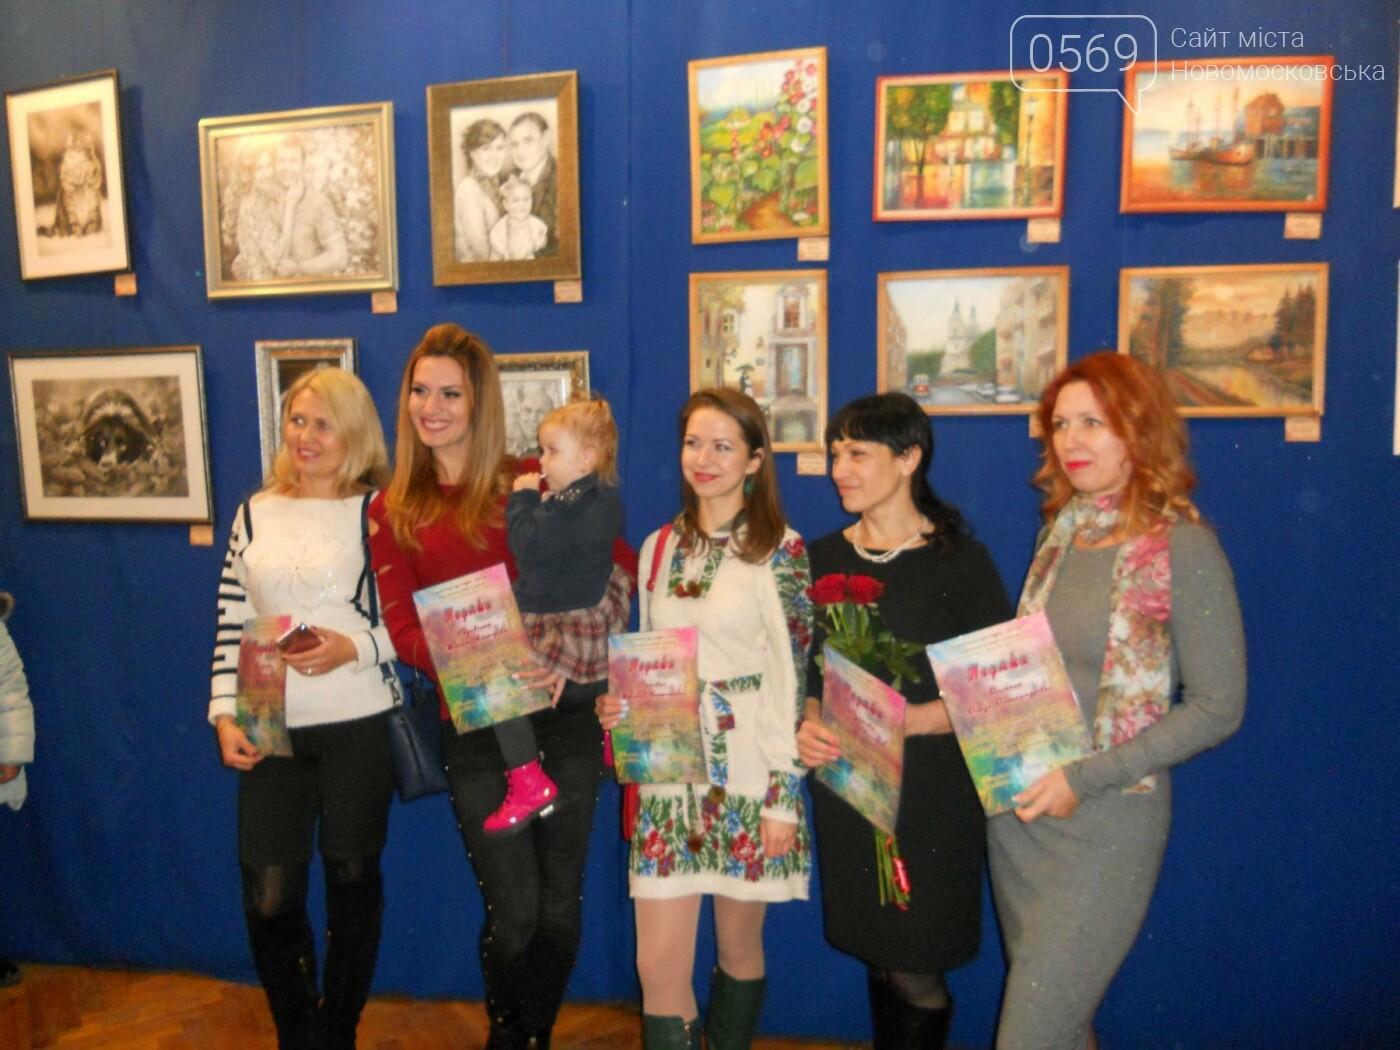 В Новомосковске открылась выставка молодых художников, фото-1